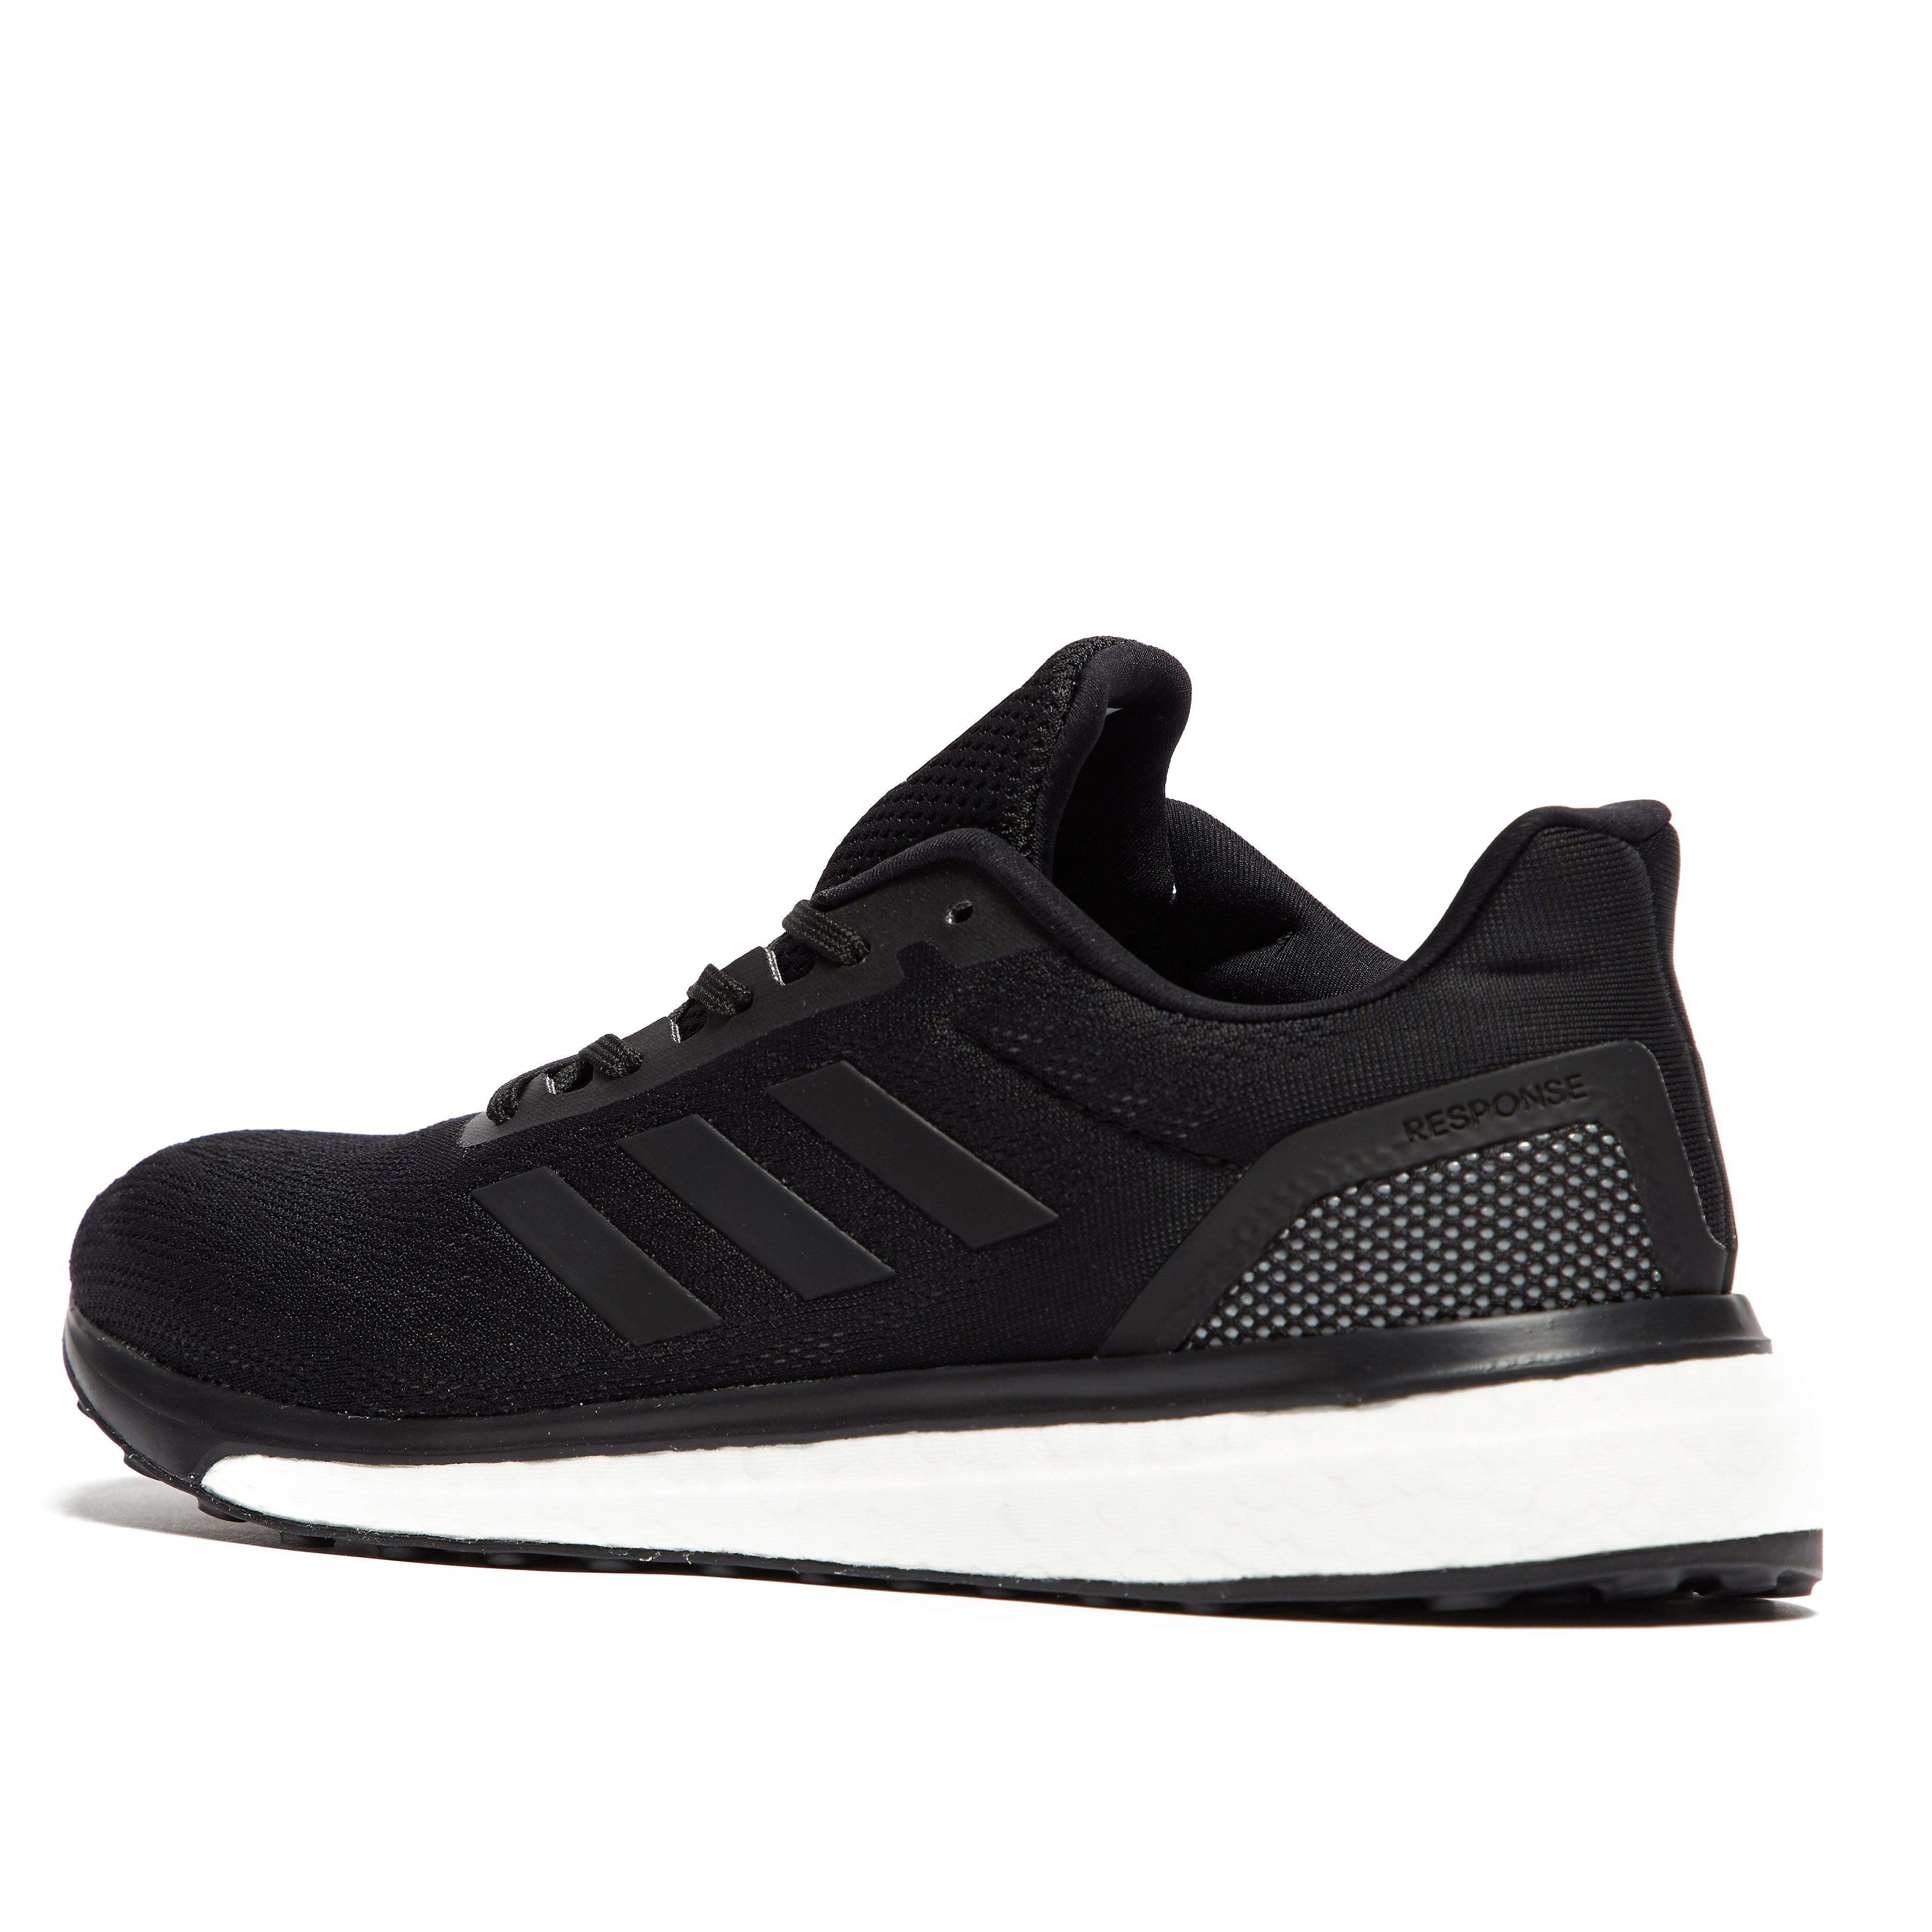 adidas Response Men's Running Shoes